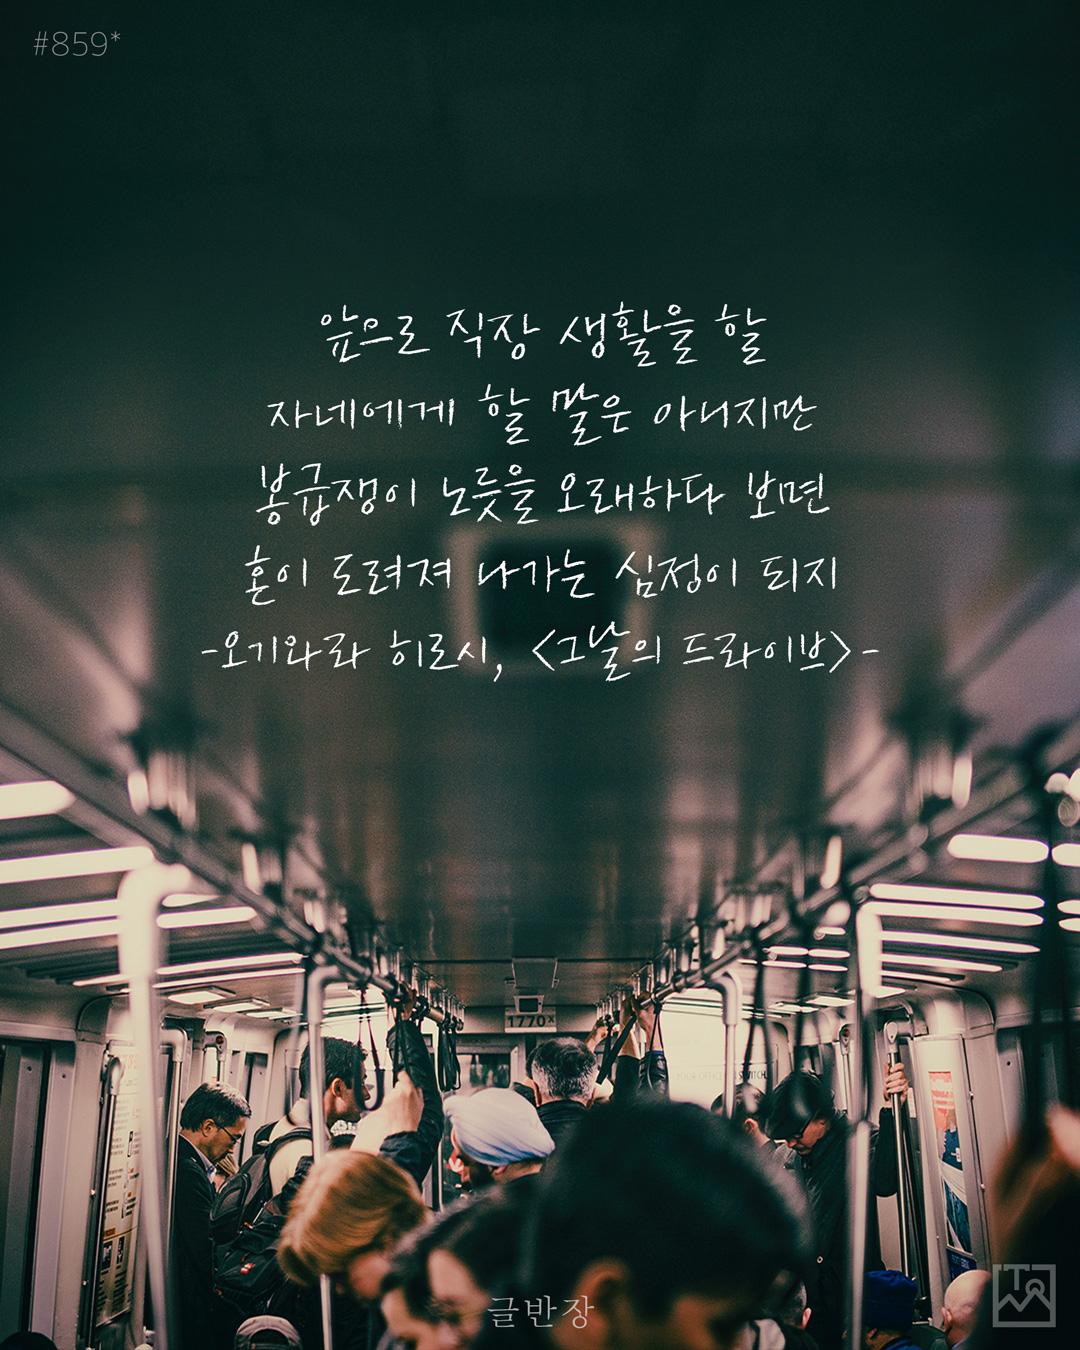 봉급쟁이 노릇 - 오기와라 히로시(荻原浩, おぎわら ひろし), <그날의 드라이브>